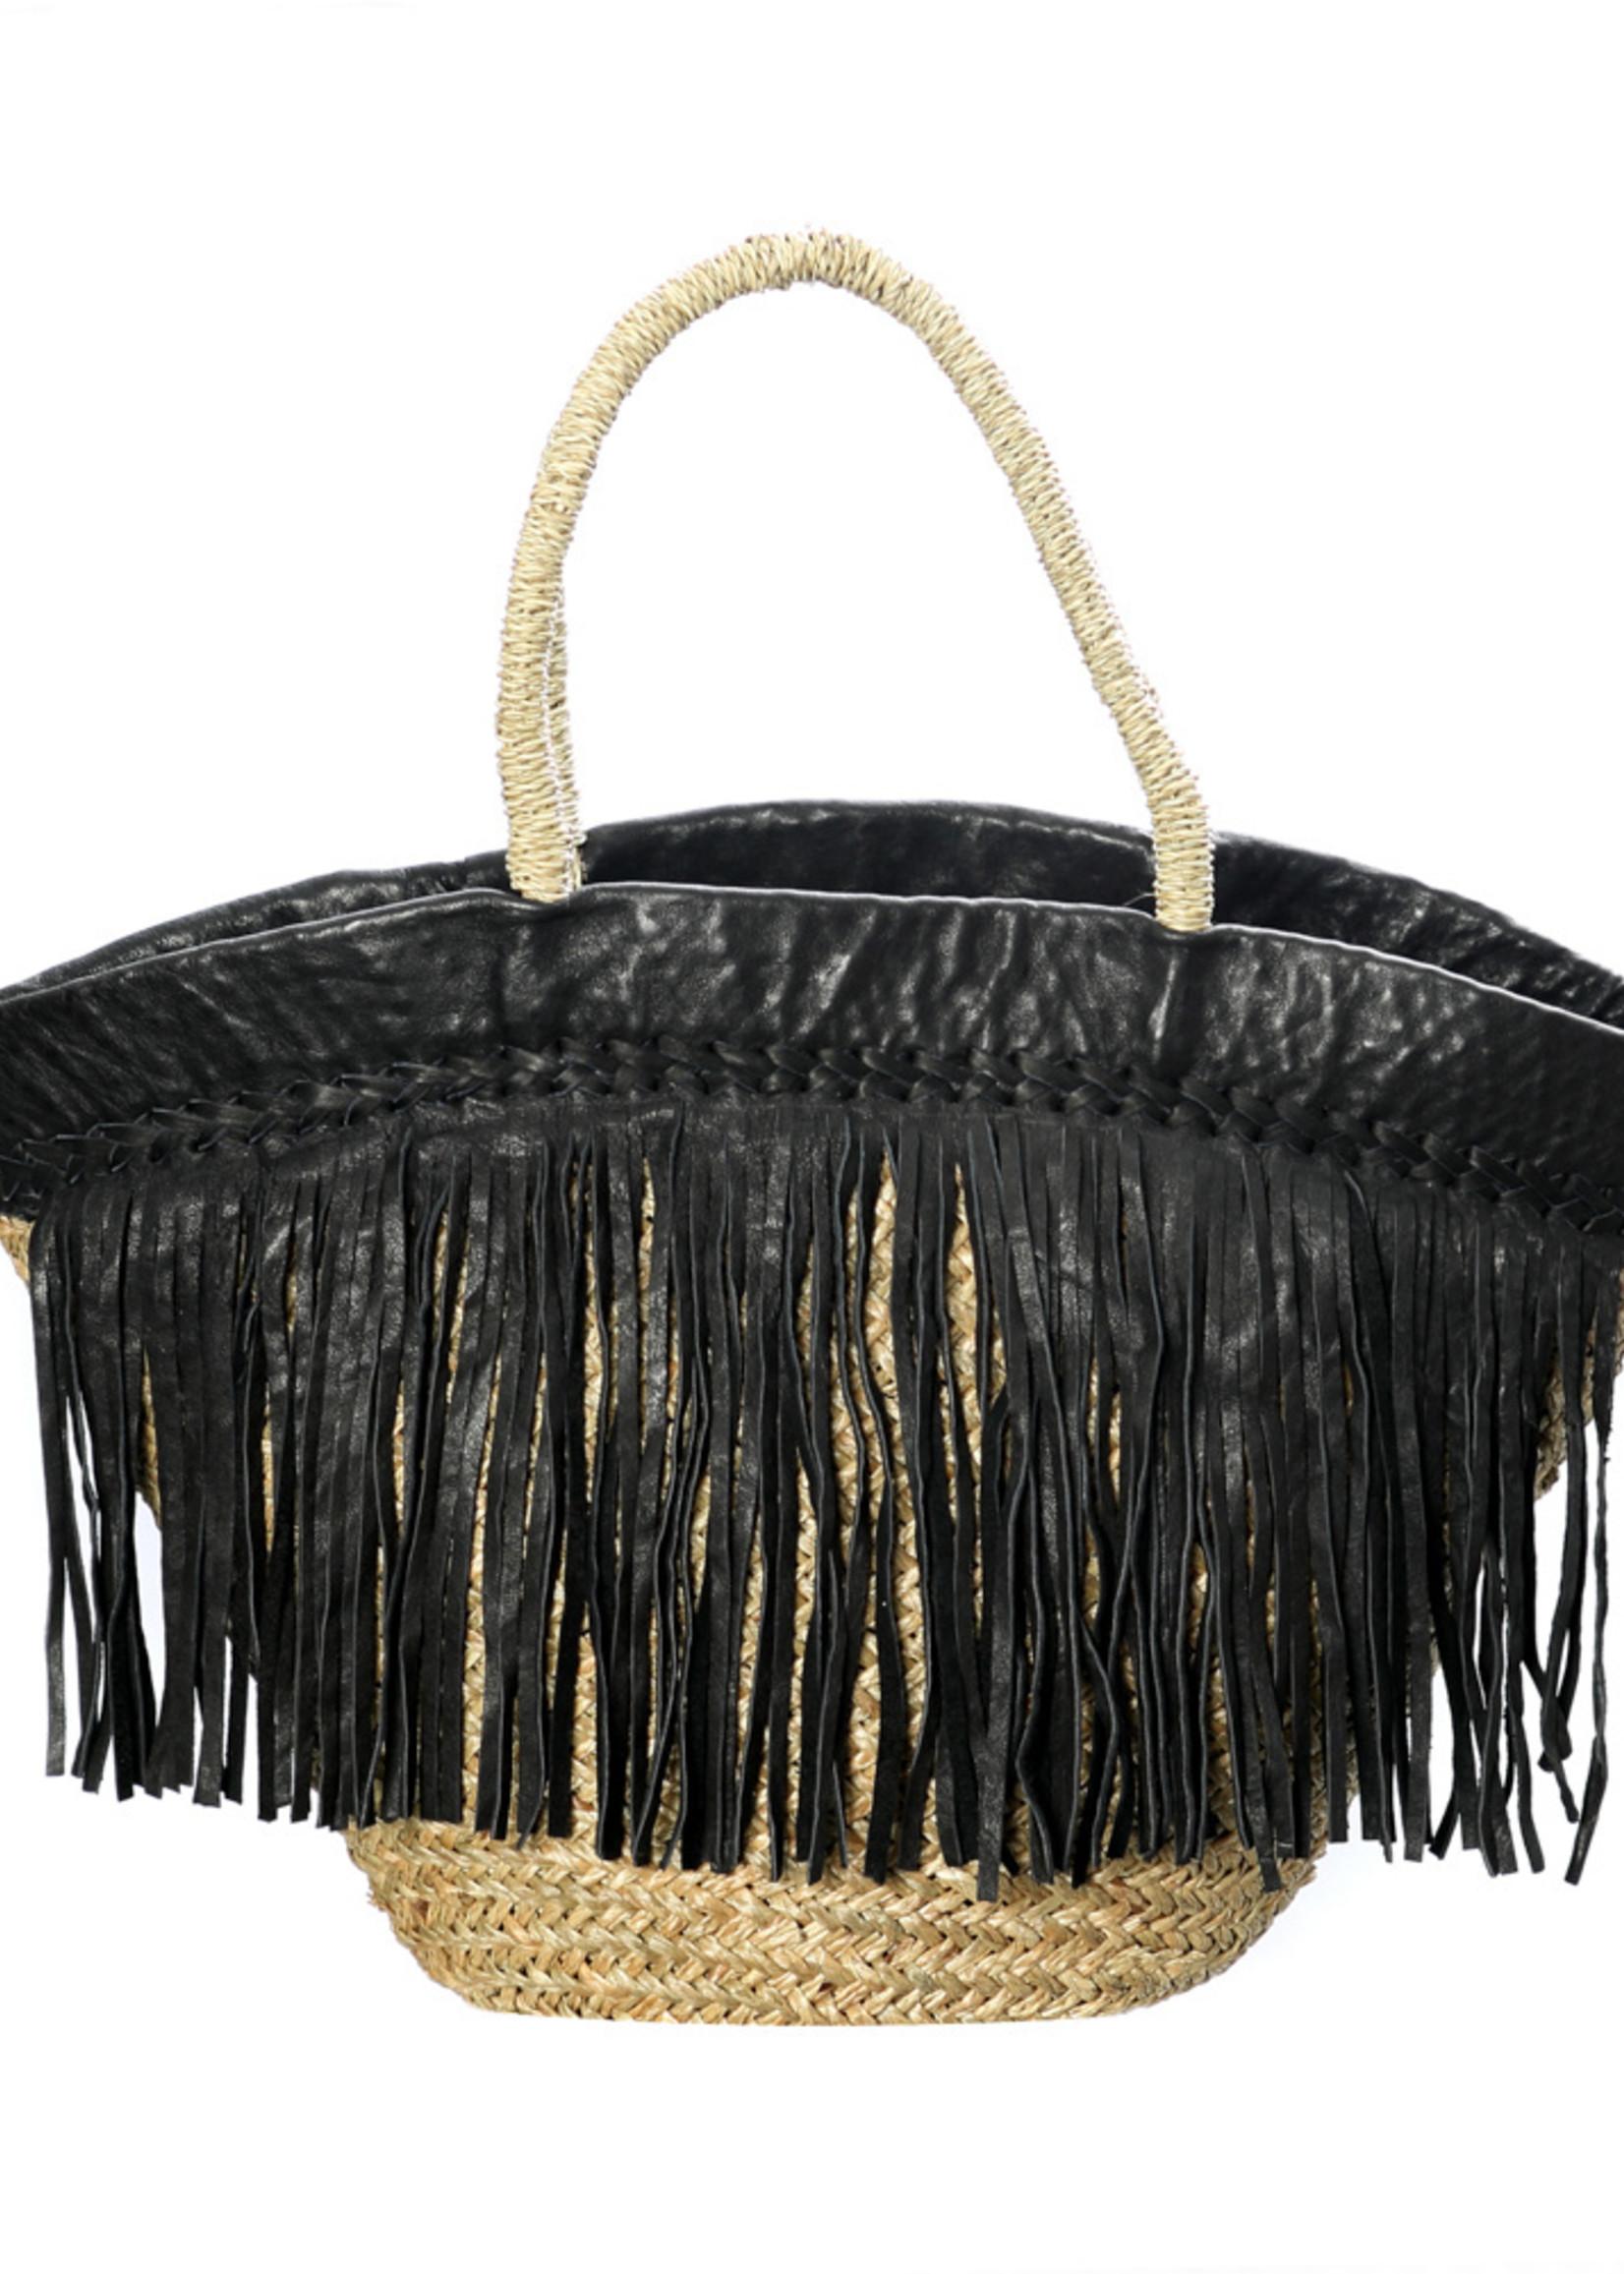 The Black Leather Fringed Basket - Natural Black